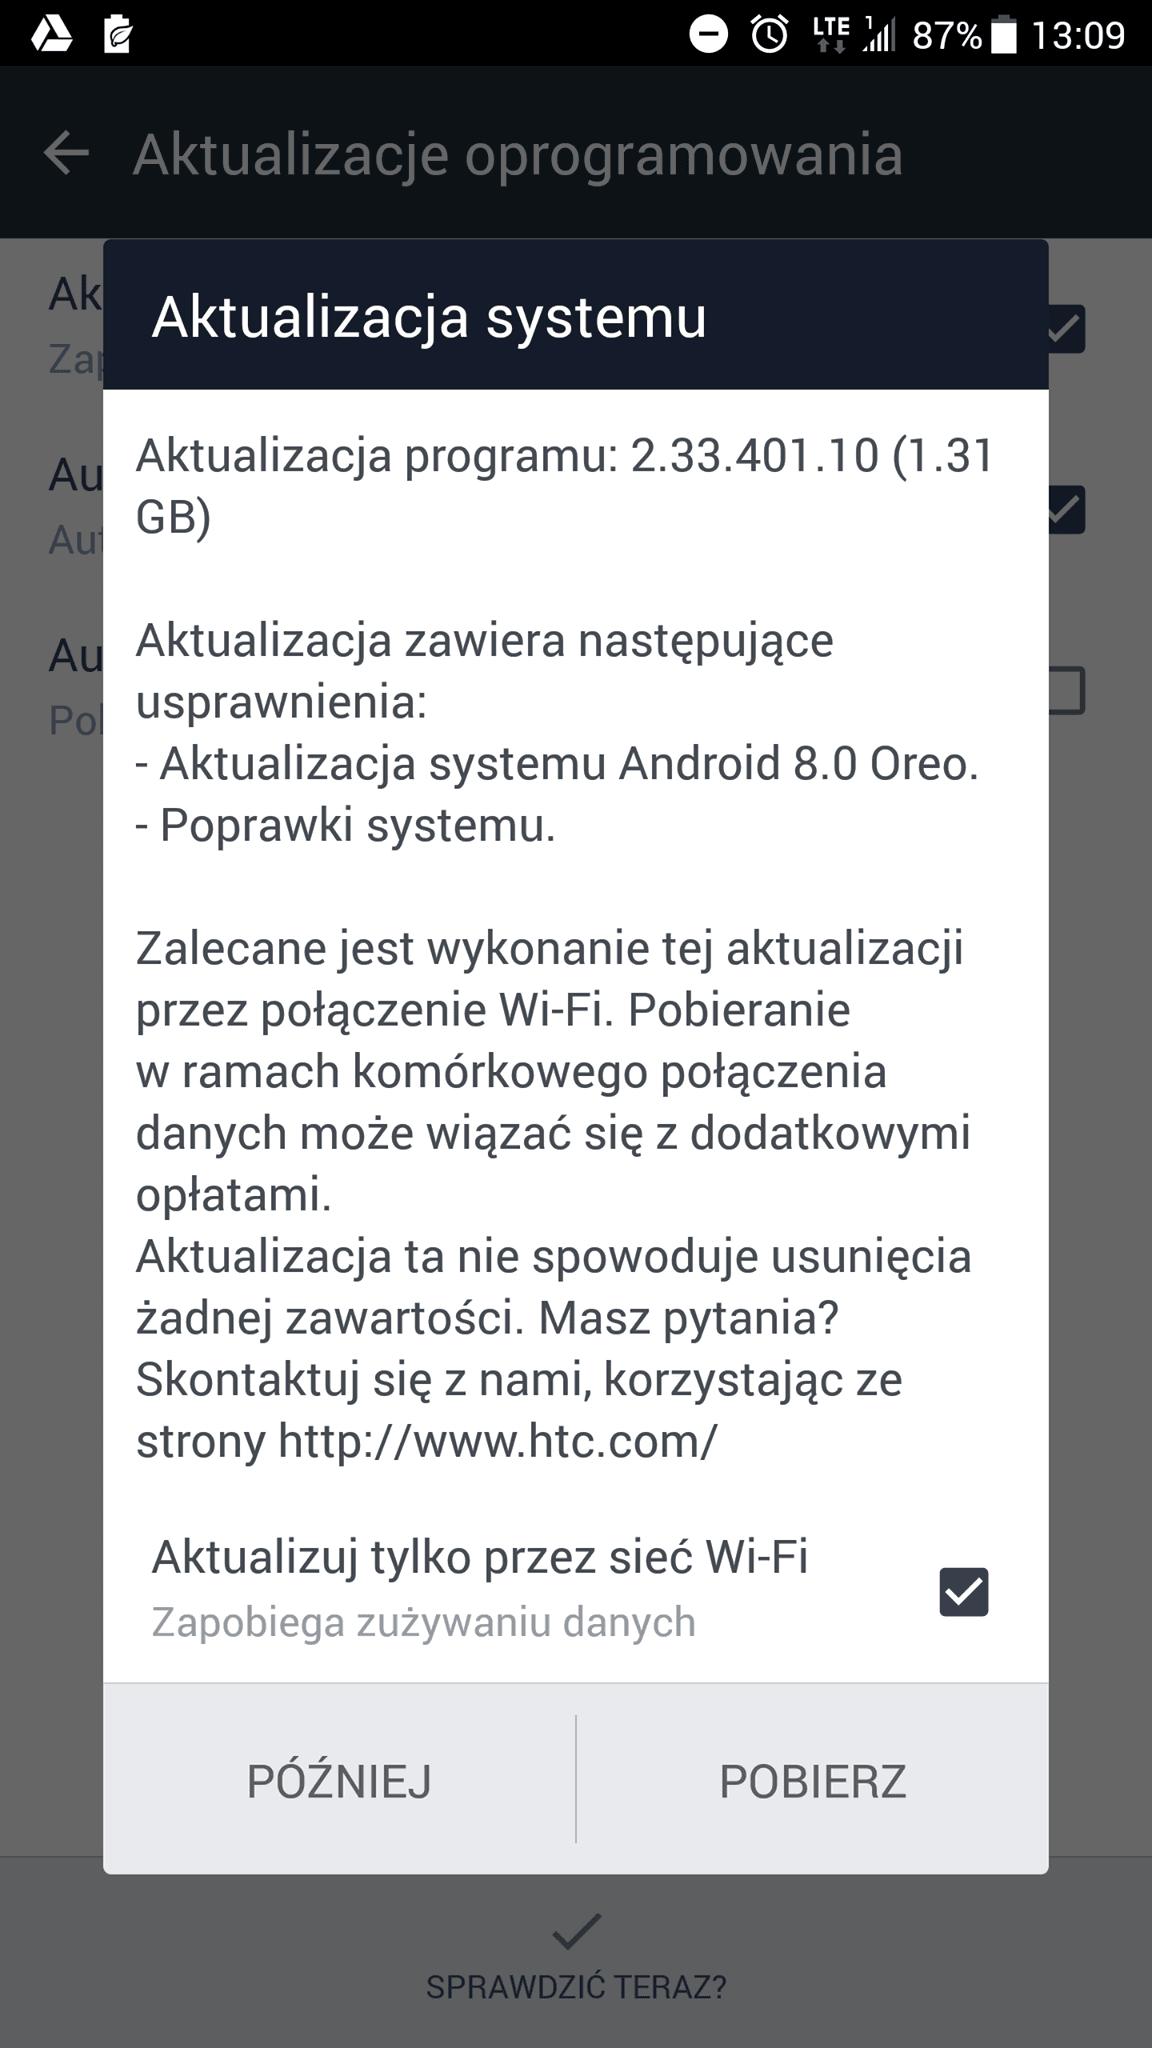 Tabletowo.pl Miała być wcześniej, ale jest dopiero teraz - HTC U11 otrzymuje aktualizację do Androida 8.0 Oreo Aktualizacje Android HTC Smartfony